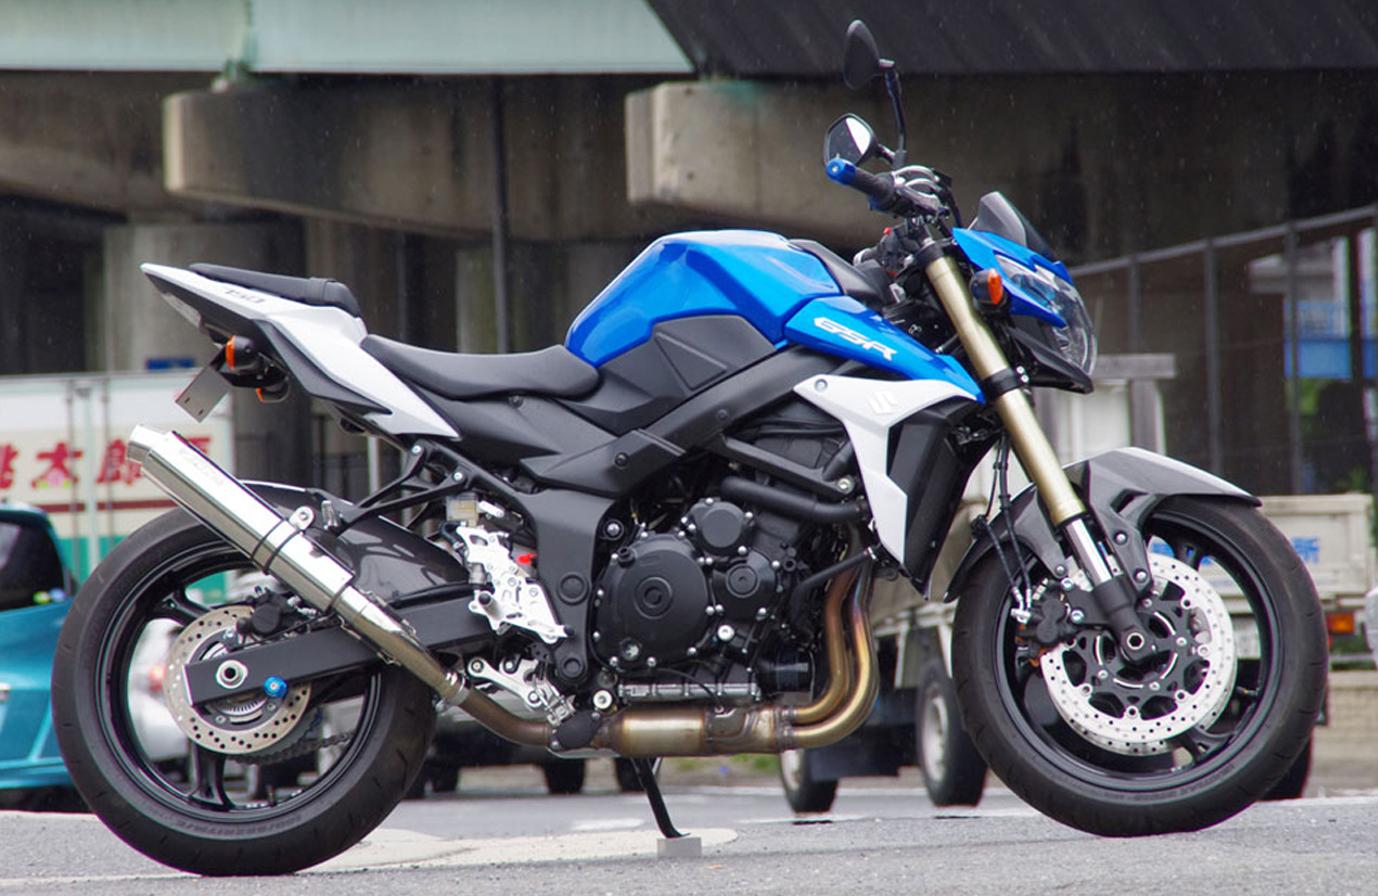 新しい サンセイレーシング ABS ZNIC リアエキゾースト ステンレス GSR750 ABS GSR750 (国内仕様) (国内仕様) (0-22-ZSS3703J), ヨシノチョウ:e502c60a --- hortafacil.dominiotemporario.com